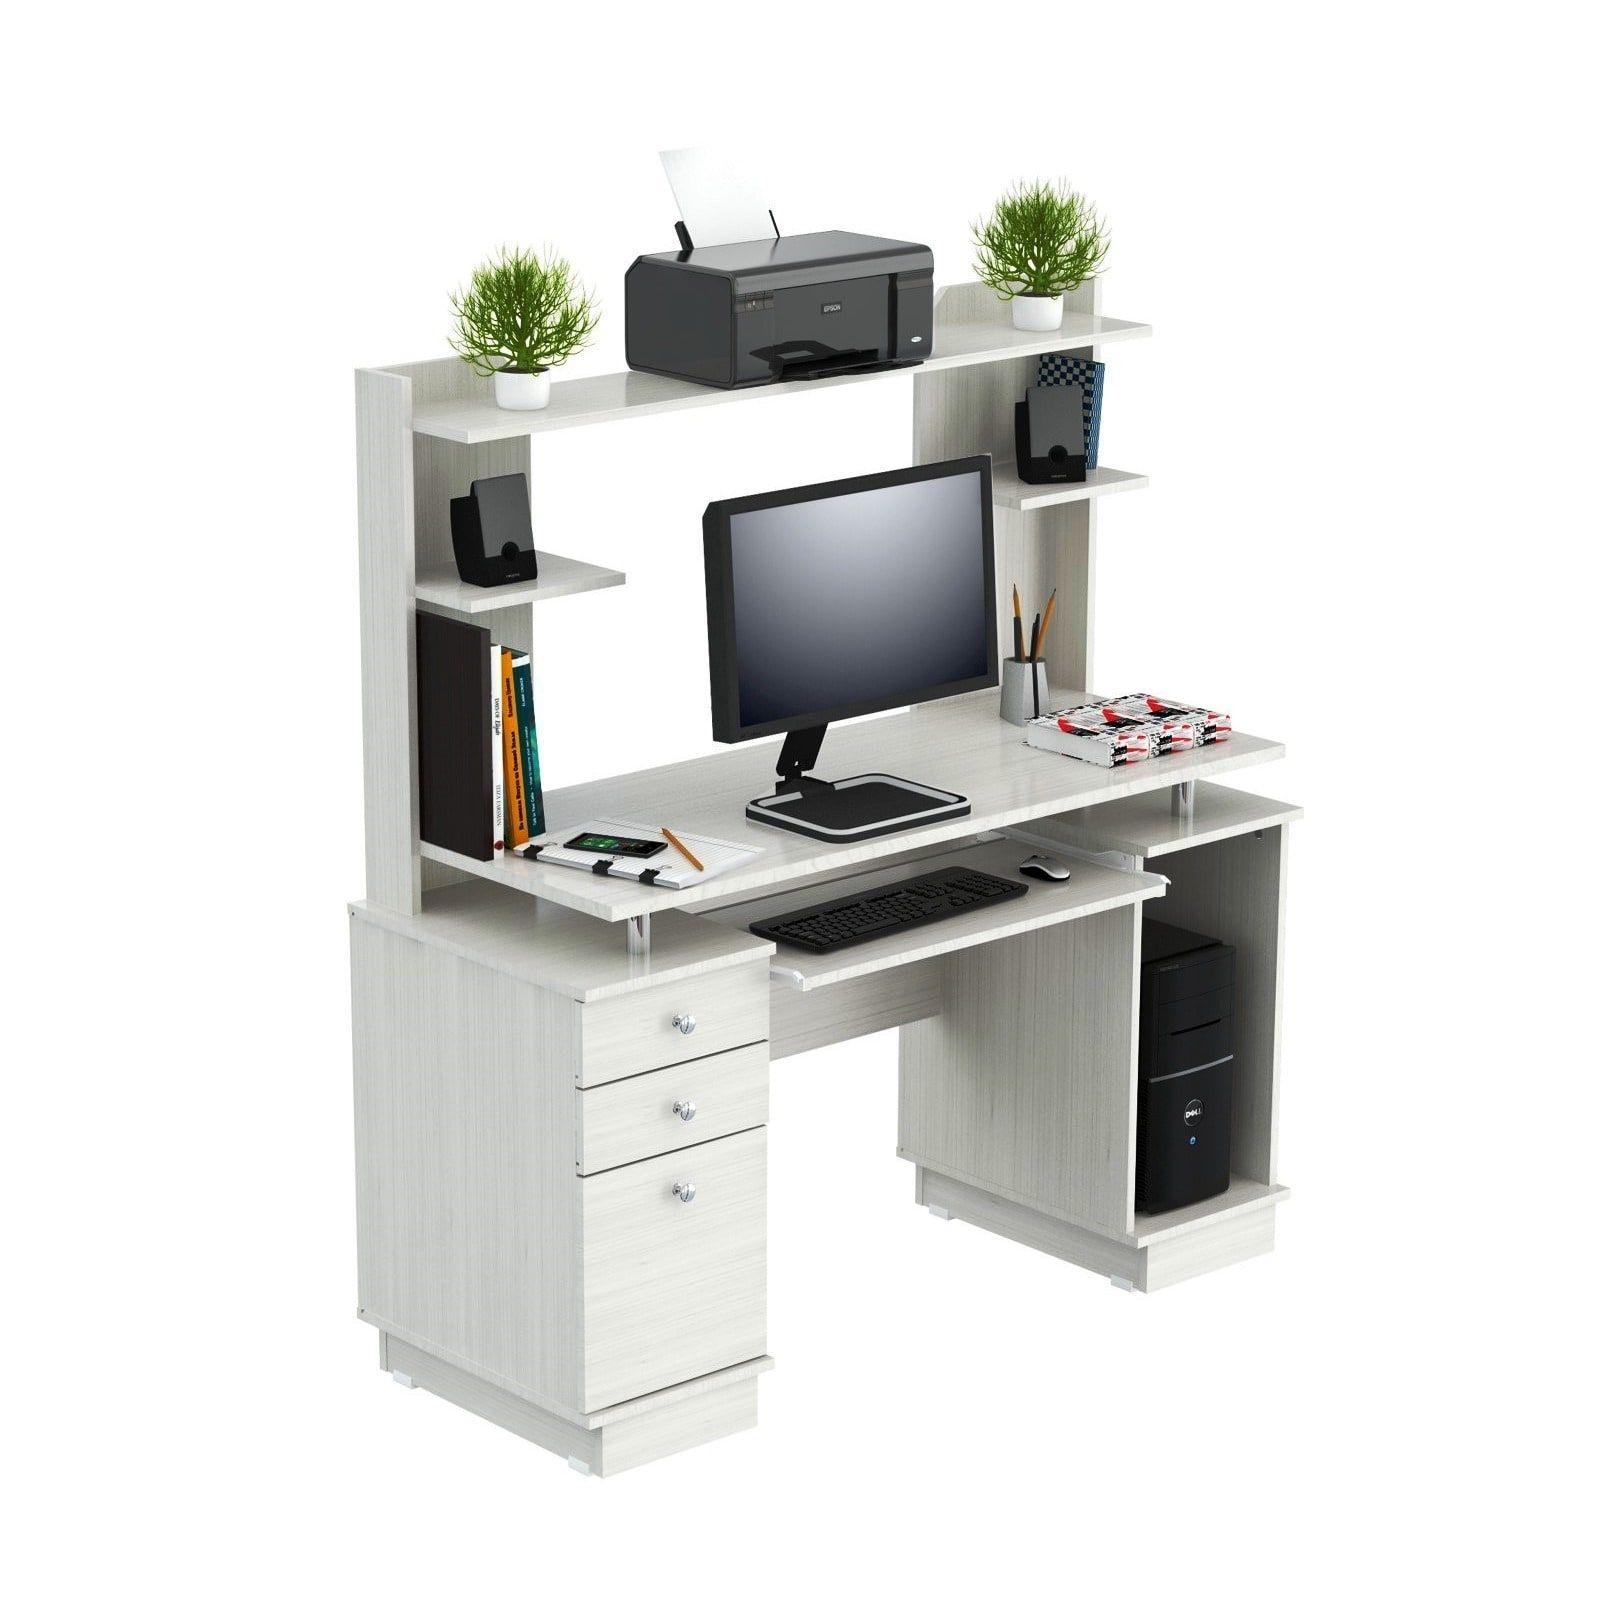 Pingl sur bureau - Bureau d etude informatique ...